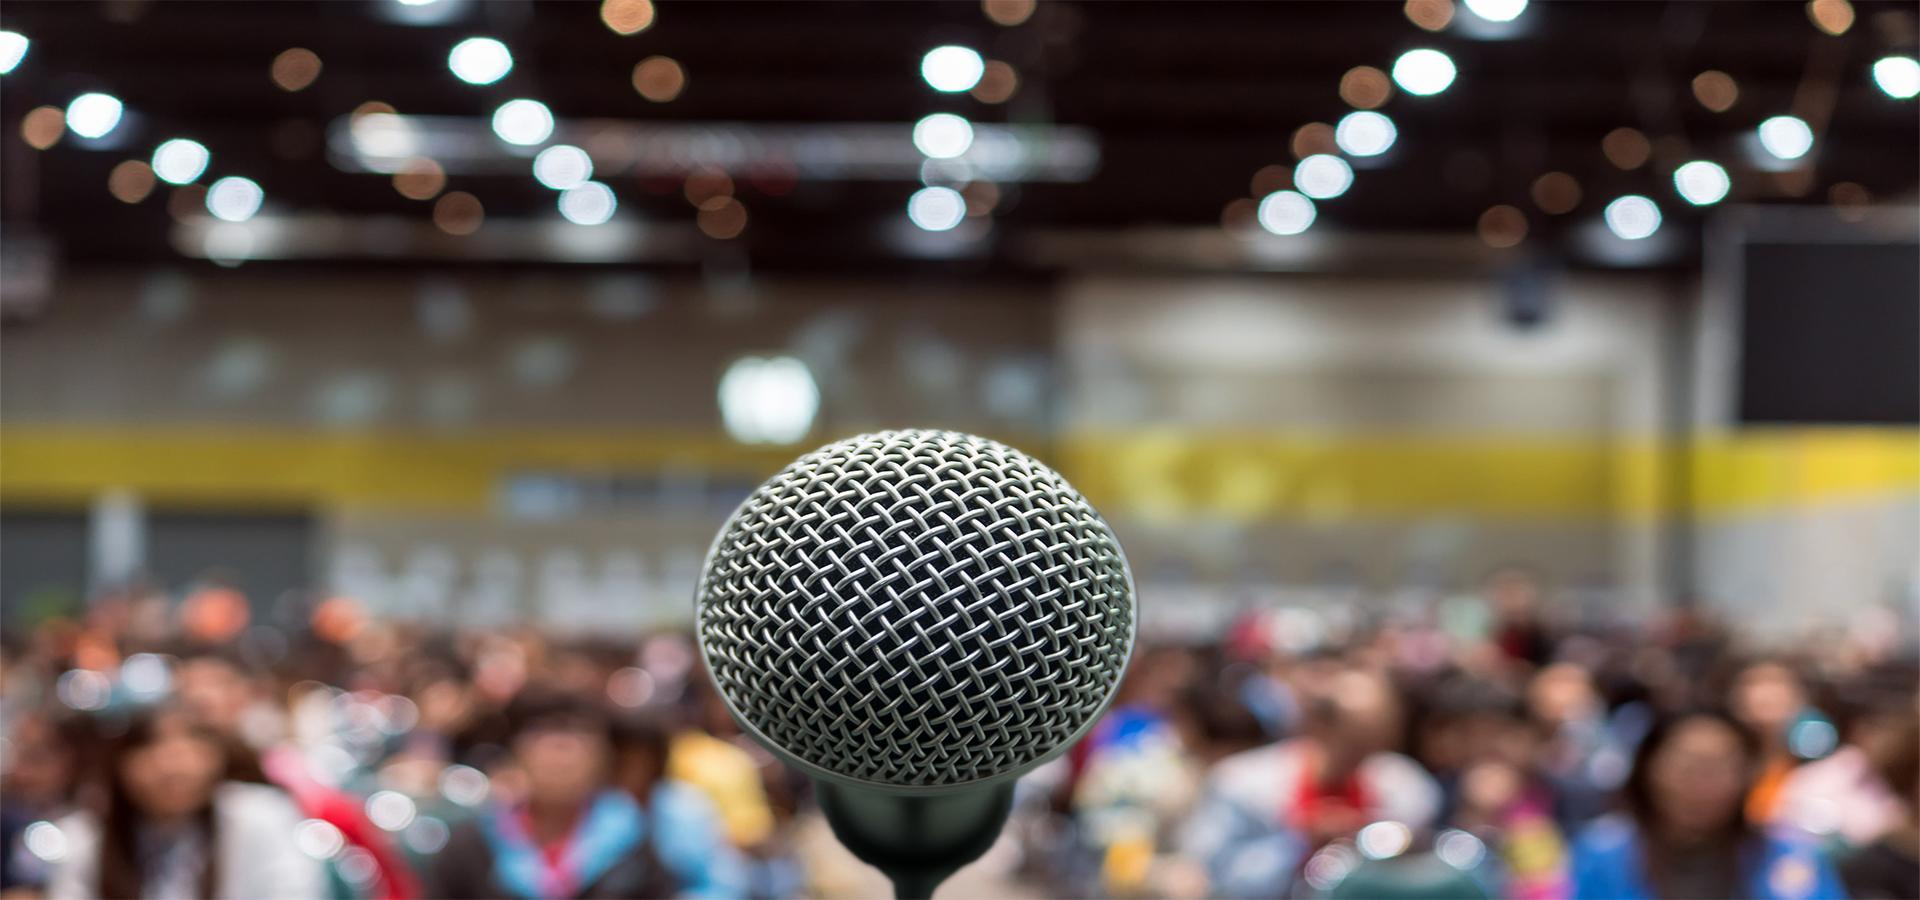 19th Annual MCI Symposium, Workshop and Public Forum